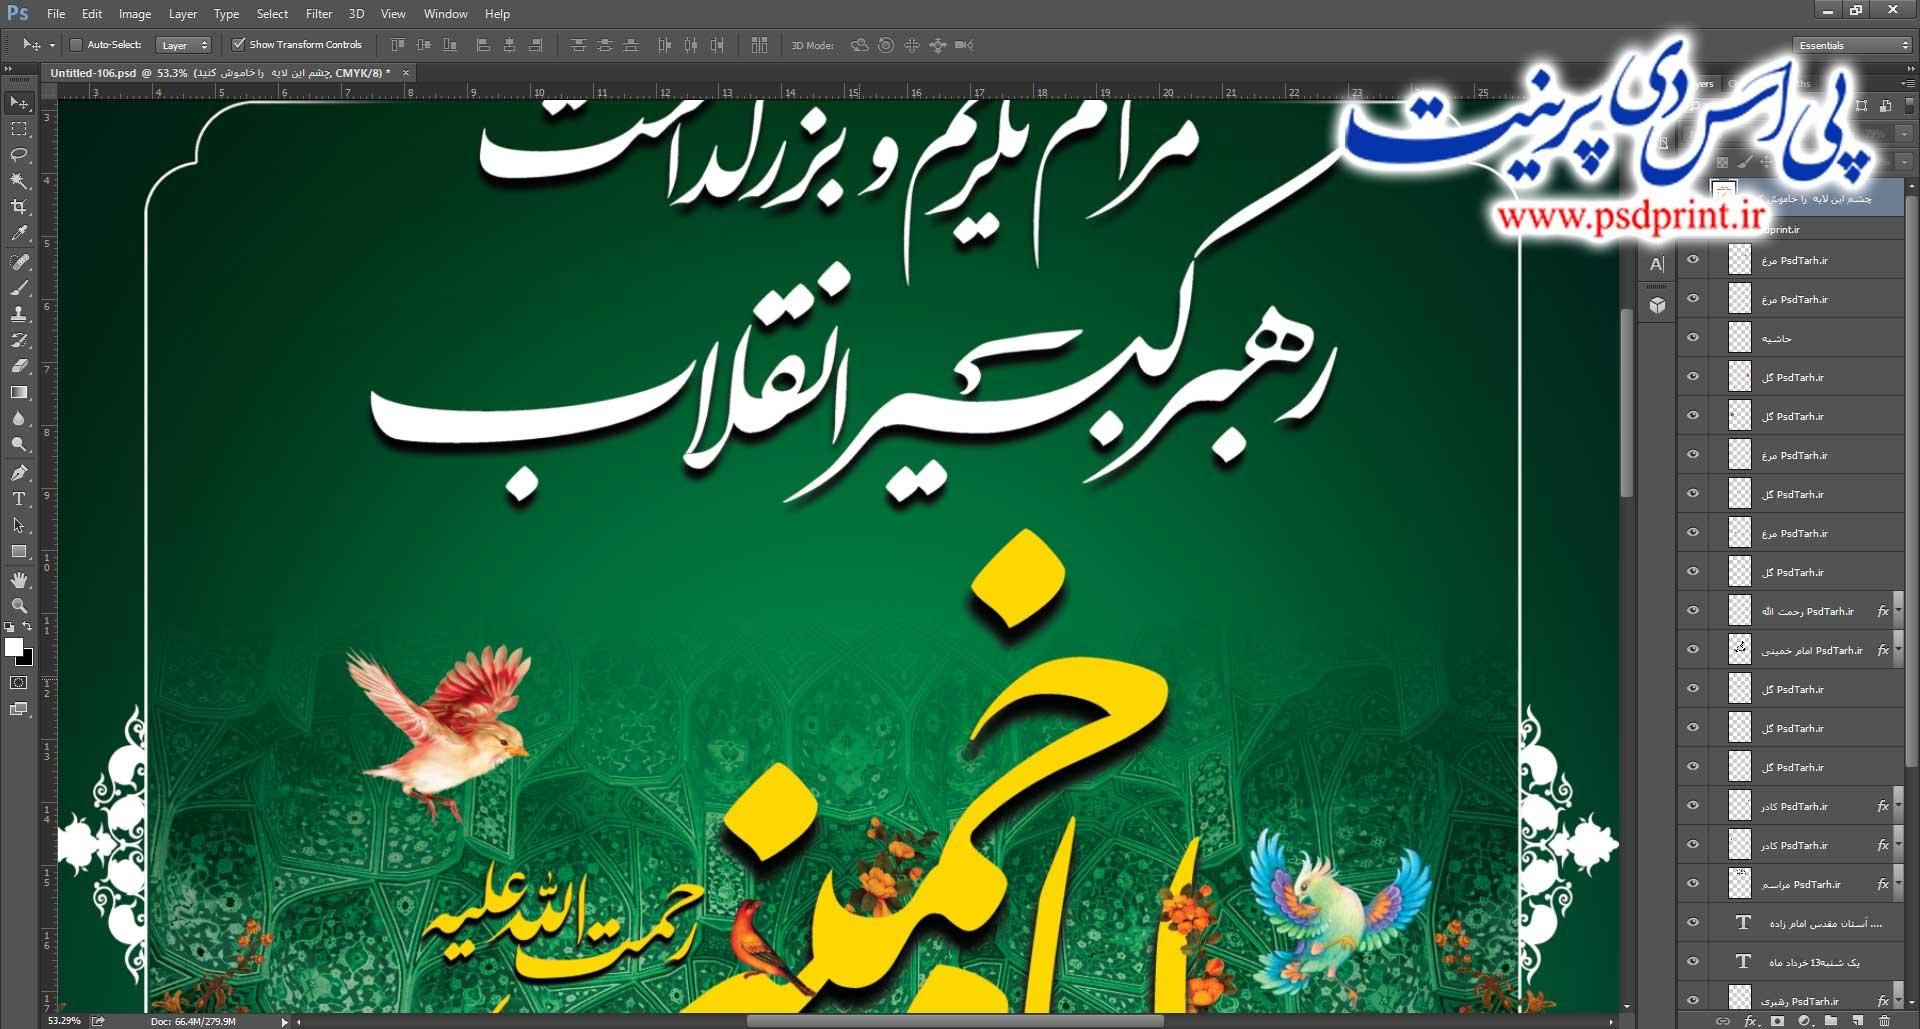 بنر مراسم بزرگداشت امام خمینی